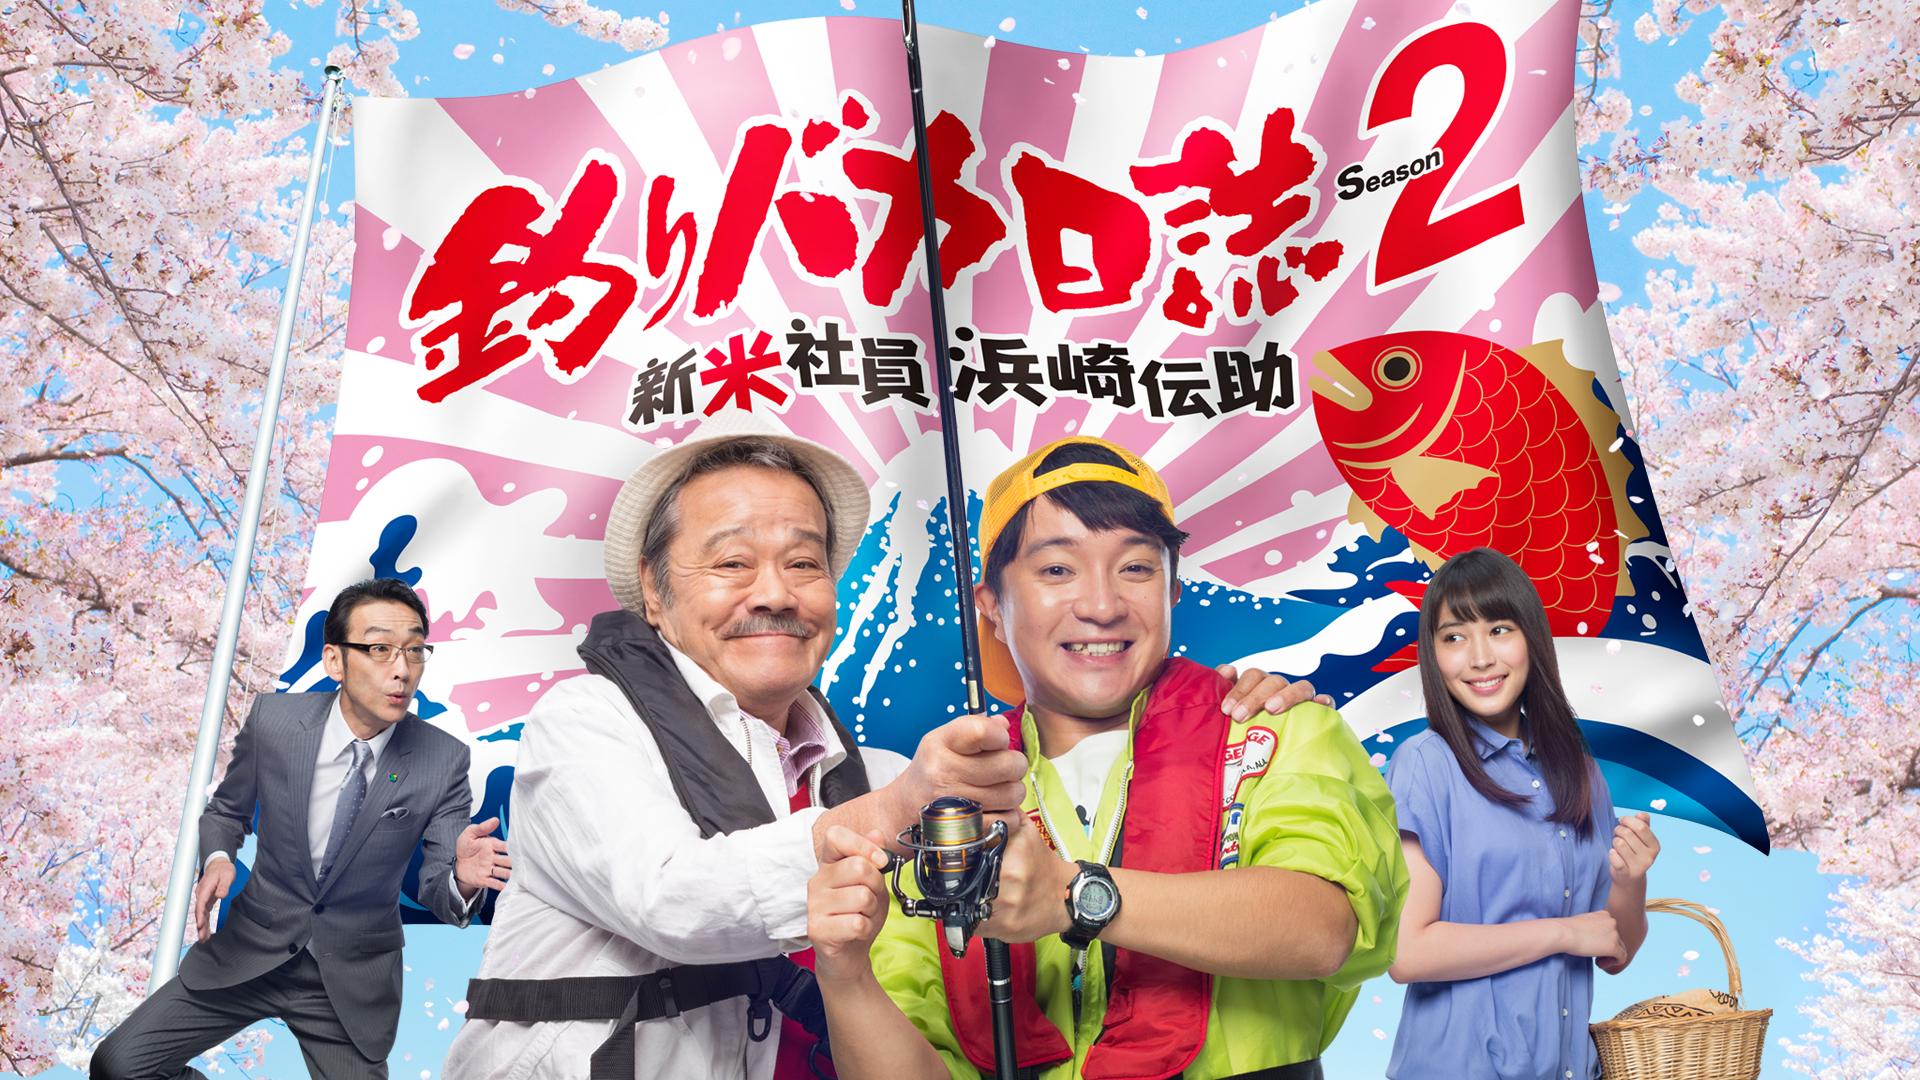 釣りバカ日誌 Season2 ~新米社員 浜崎伝助